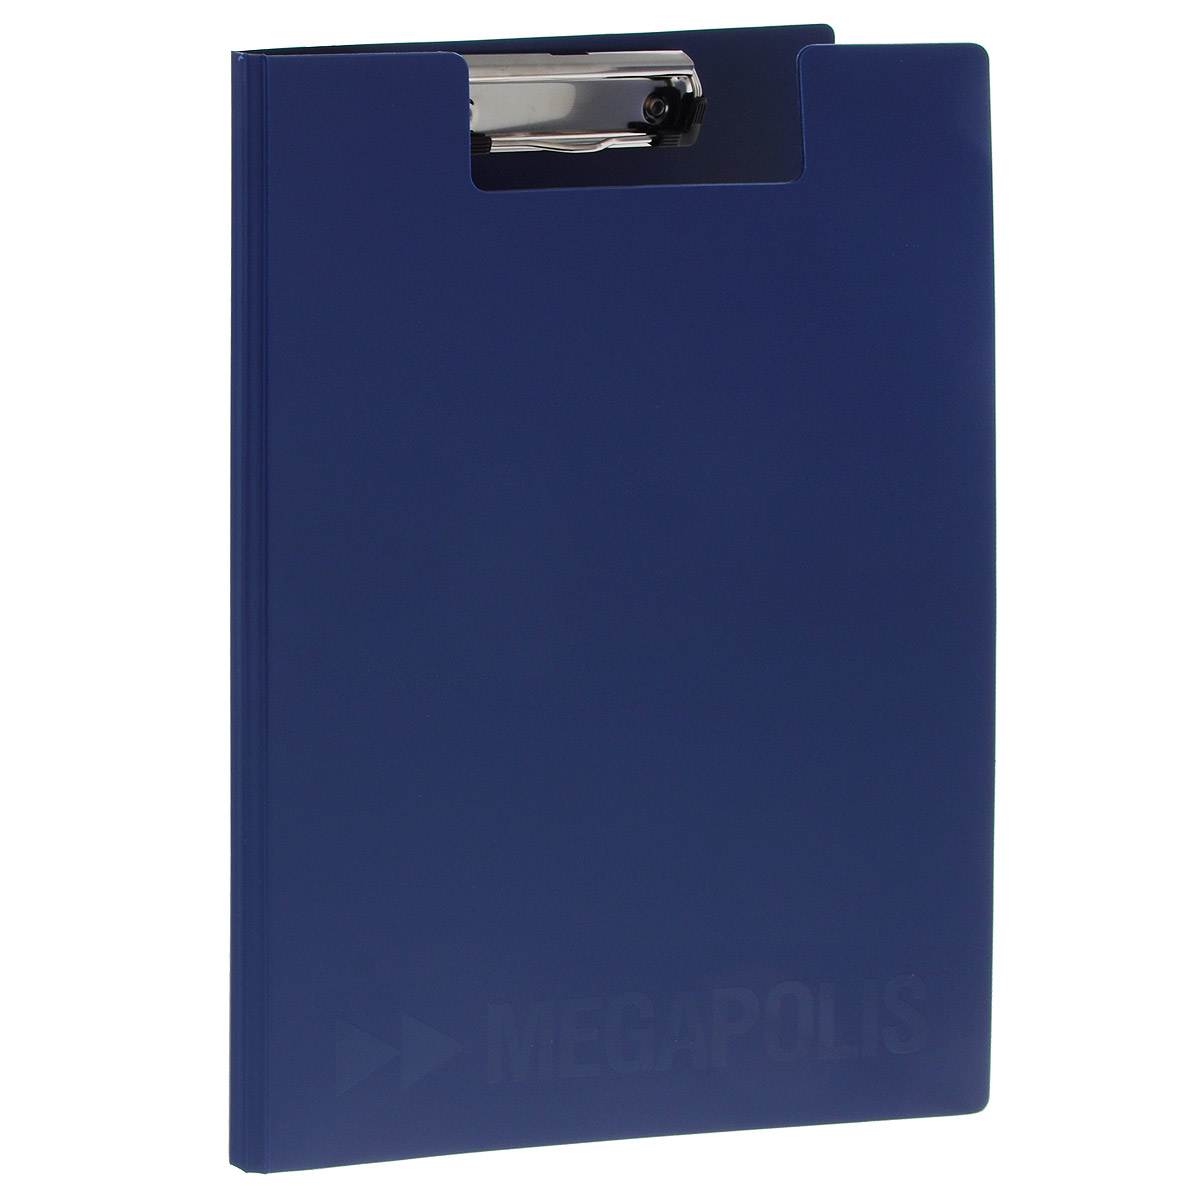 Папка-планшет Erich Krause Megapolis, формат А4, цвет: темно-синий3874Папка-планшет Erich Krause Megapolis будет незаменима для работы с документацией в дороге или на складе, а так же может быть использована для подготовки и хранения текстов выступлений или докладов.Изготовлена из жесткого пластика, и ПВХ. Благодаря своей жесткости позволяет делать записи на весу. Металлический зажим надежно фиксирует листы, предотвращая сползание бумаги. Есть внутренний карман для заметок.